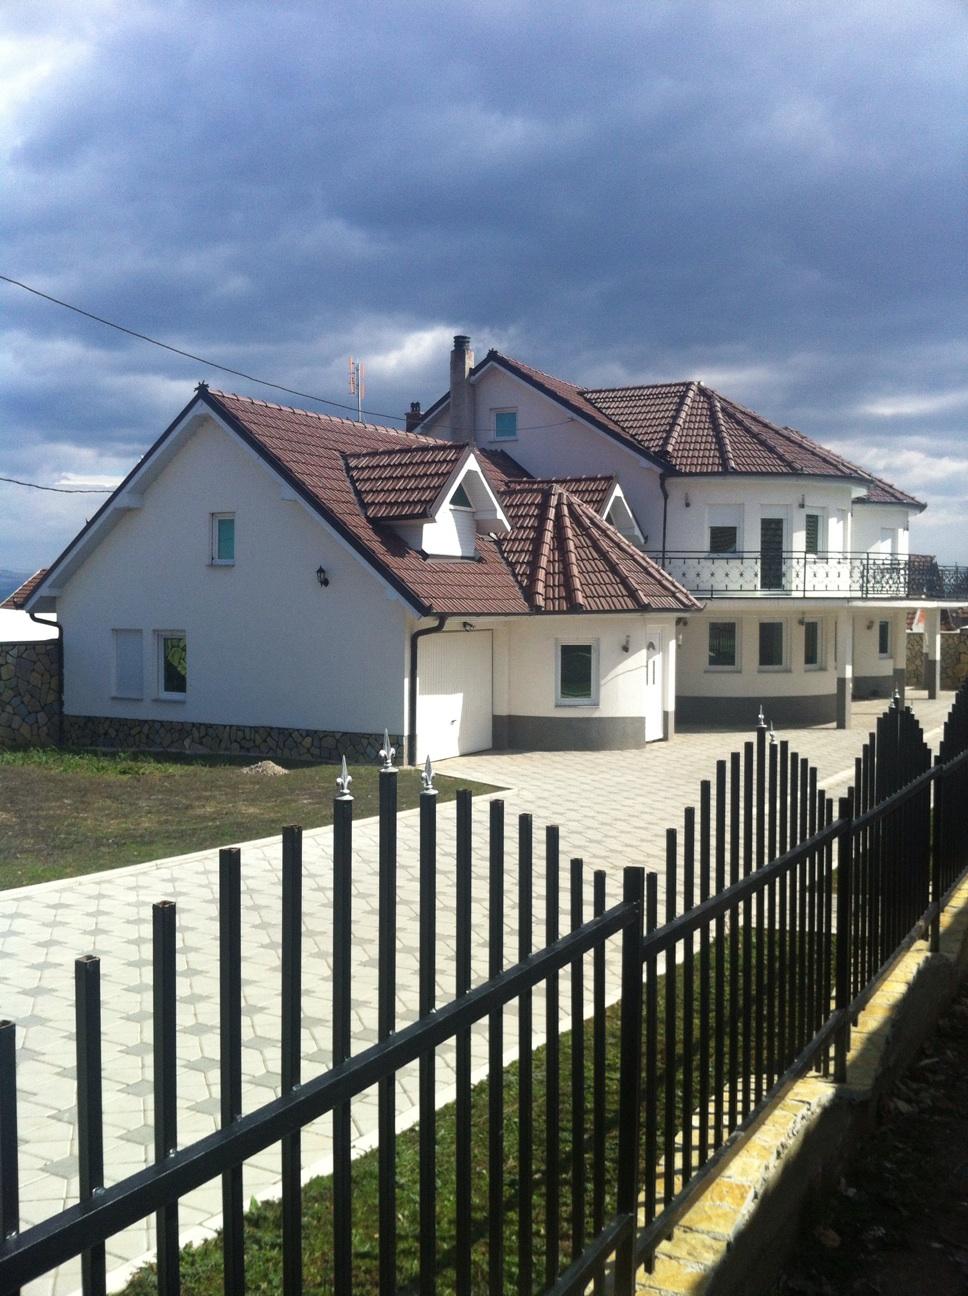 Shitet shtëpija 2 katëshe në fshatin Magure e Sllatinës, me sipërfaqe 240m2, me 8.2 ari oborr